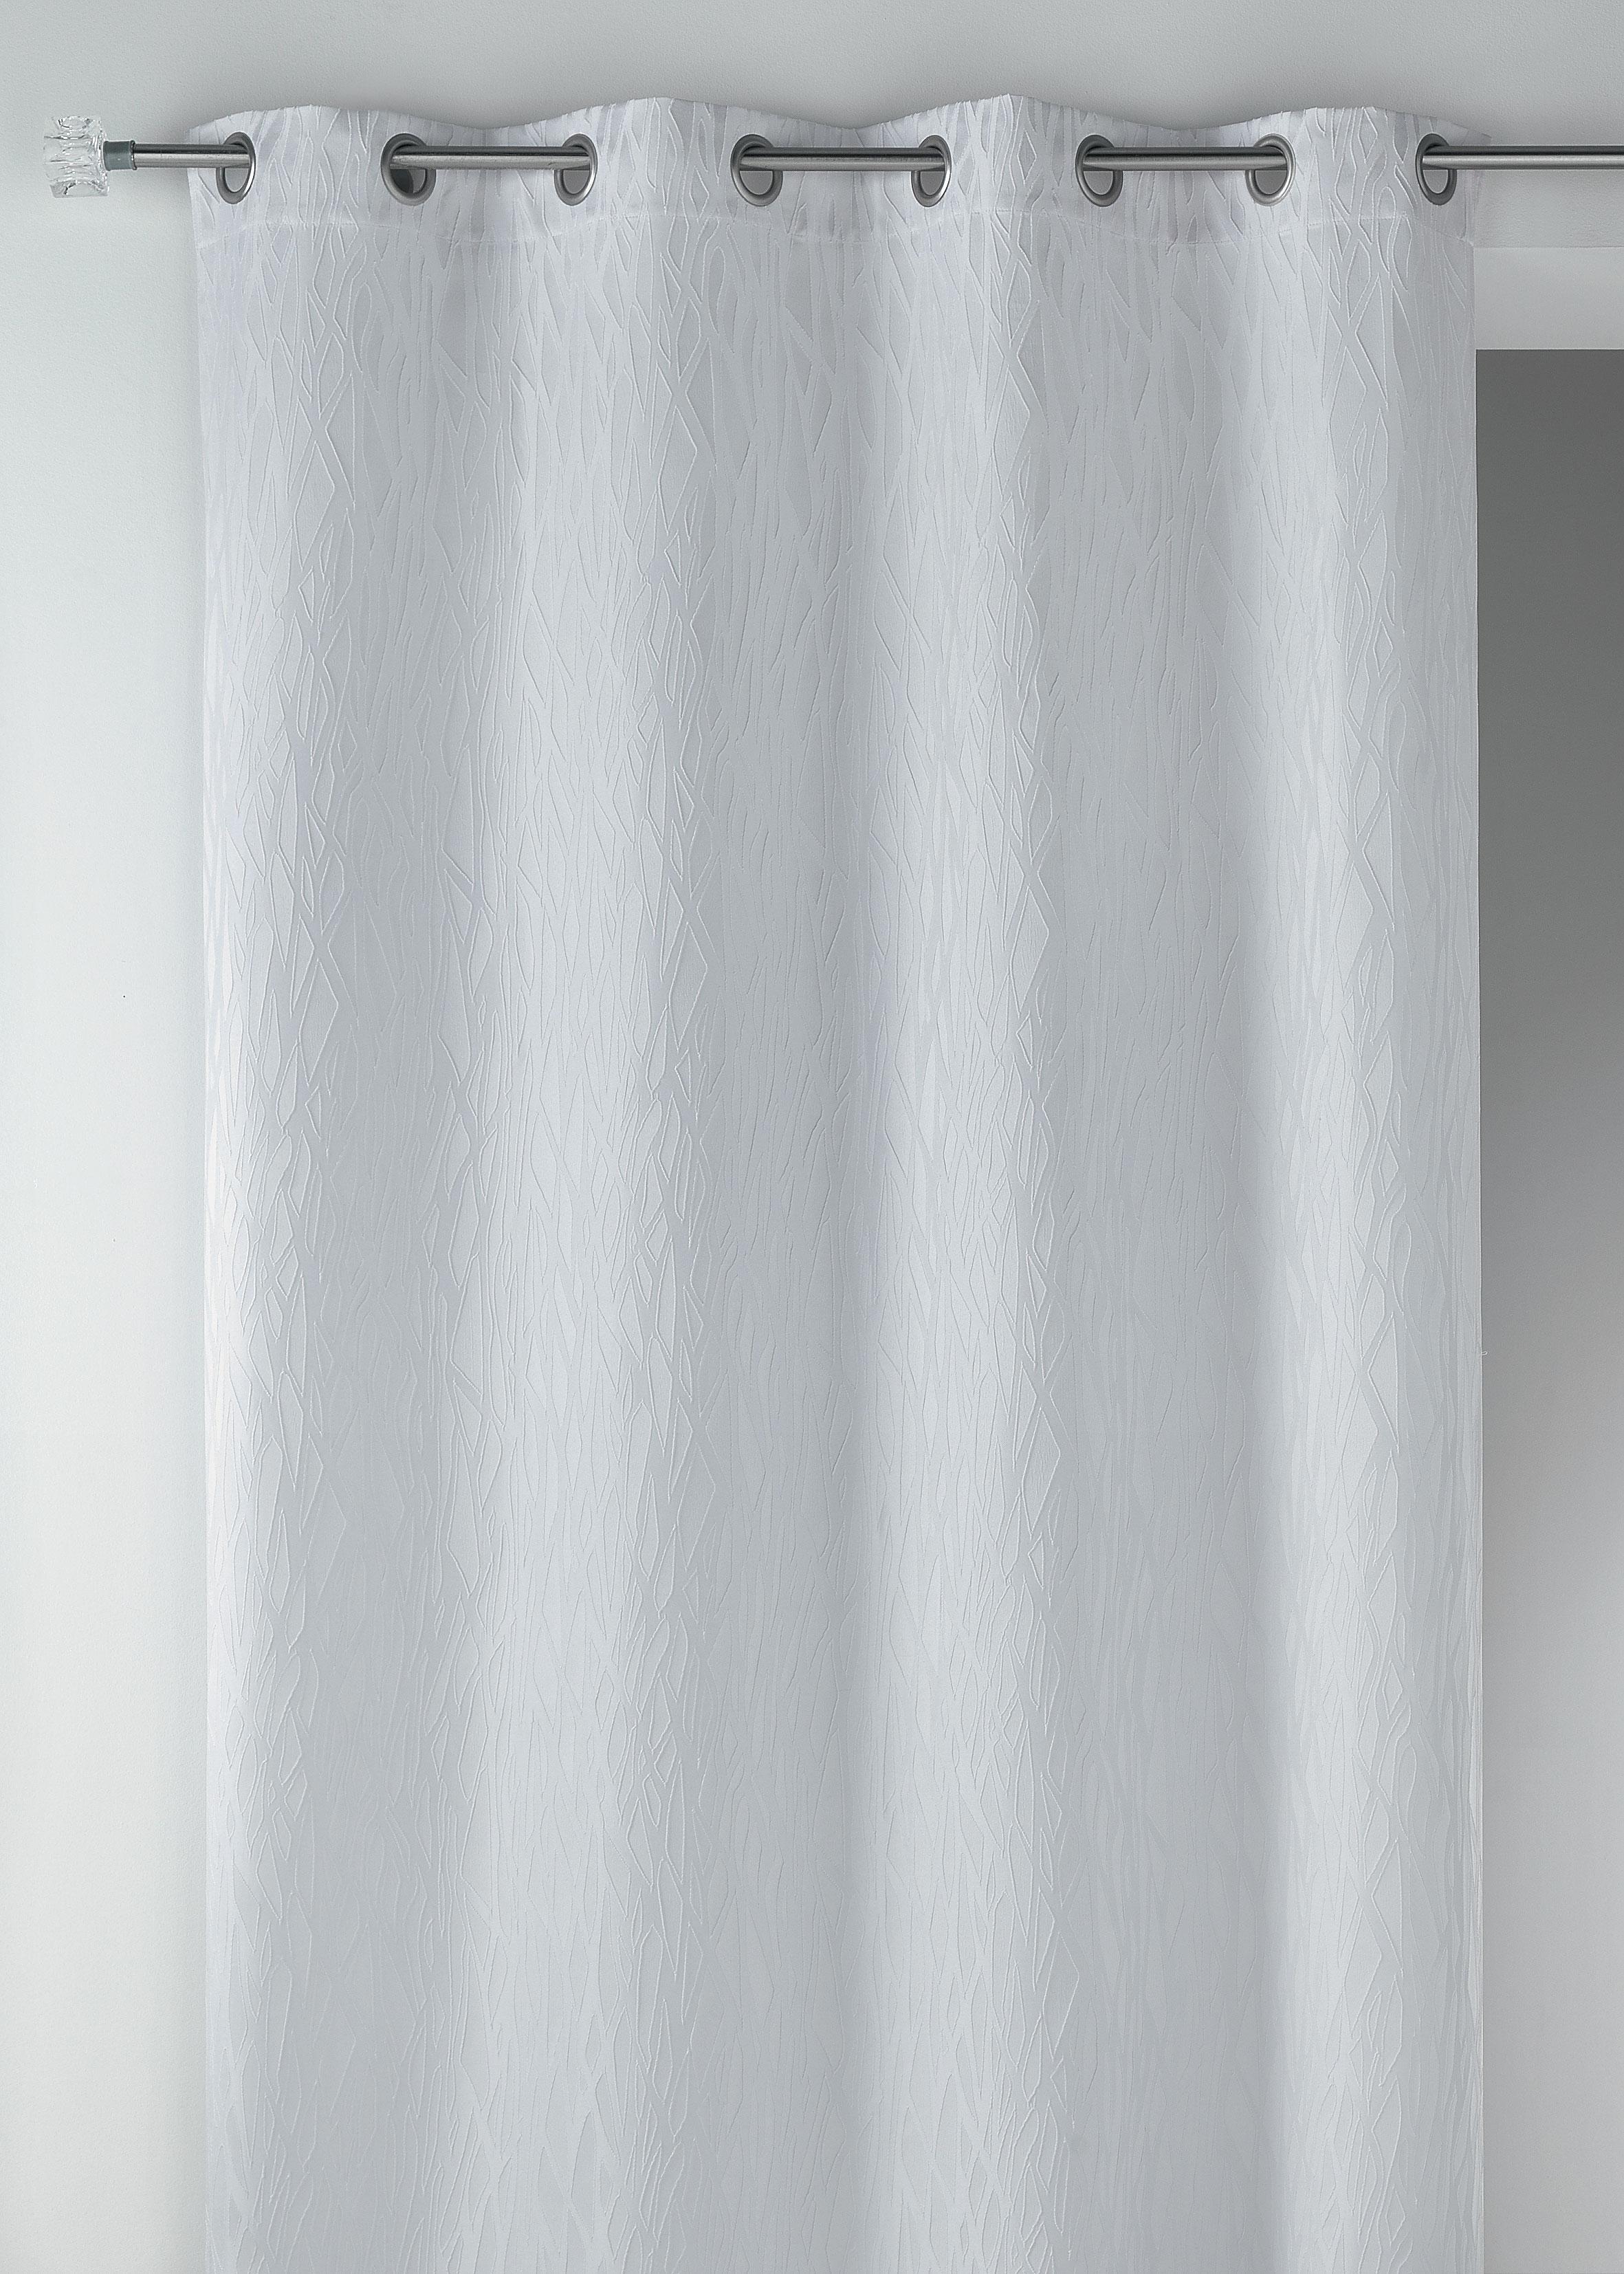 Cortina en jacquard fantas a blanco burdeos for Cortinas en blanco